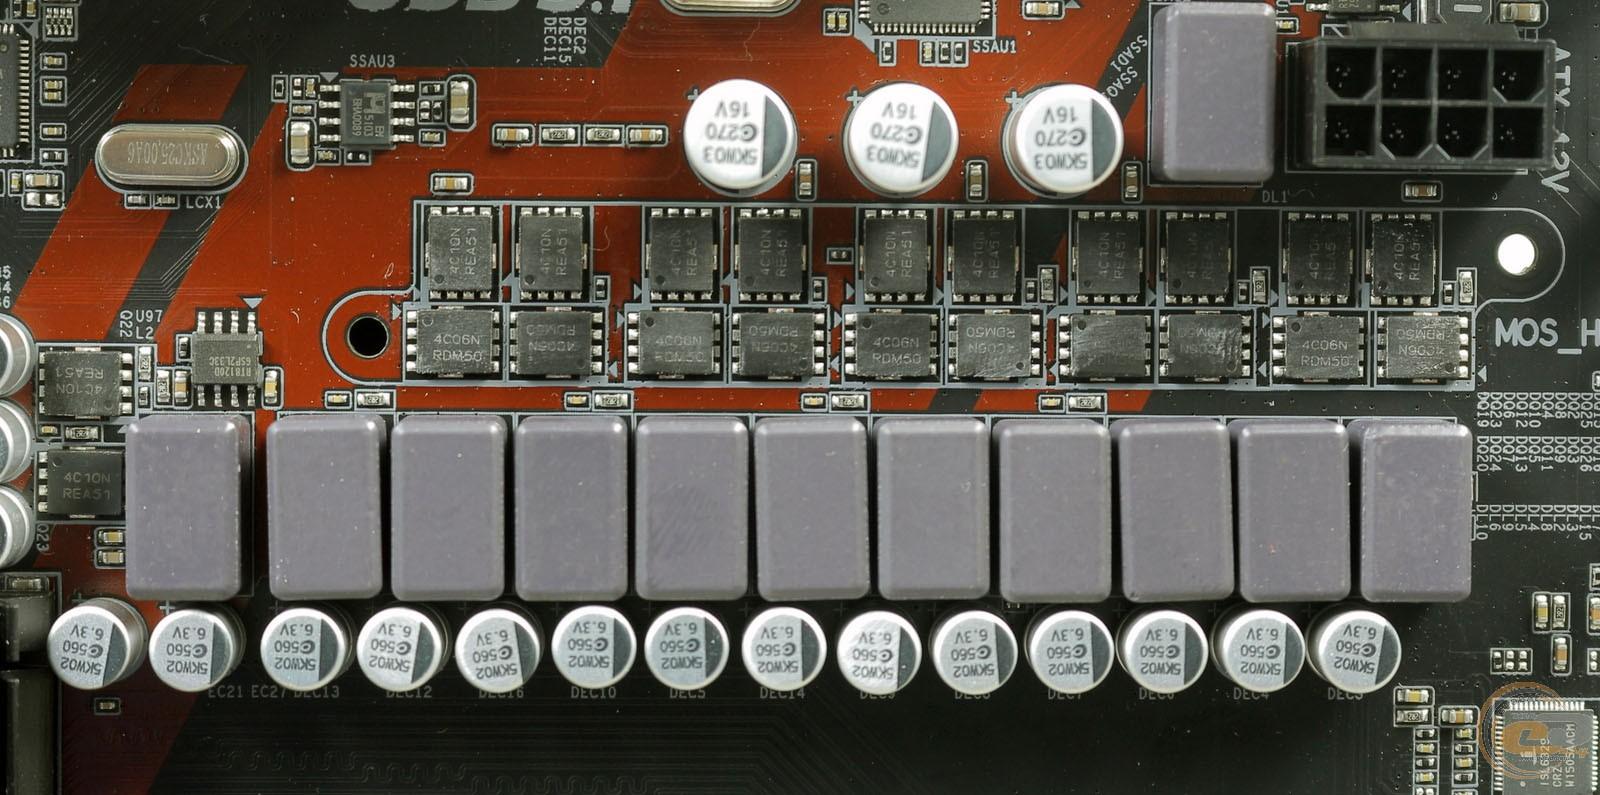 схема бп atx-12ve